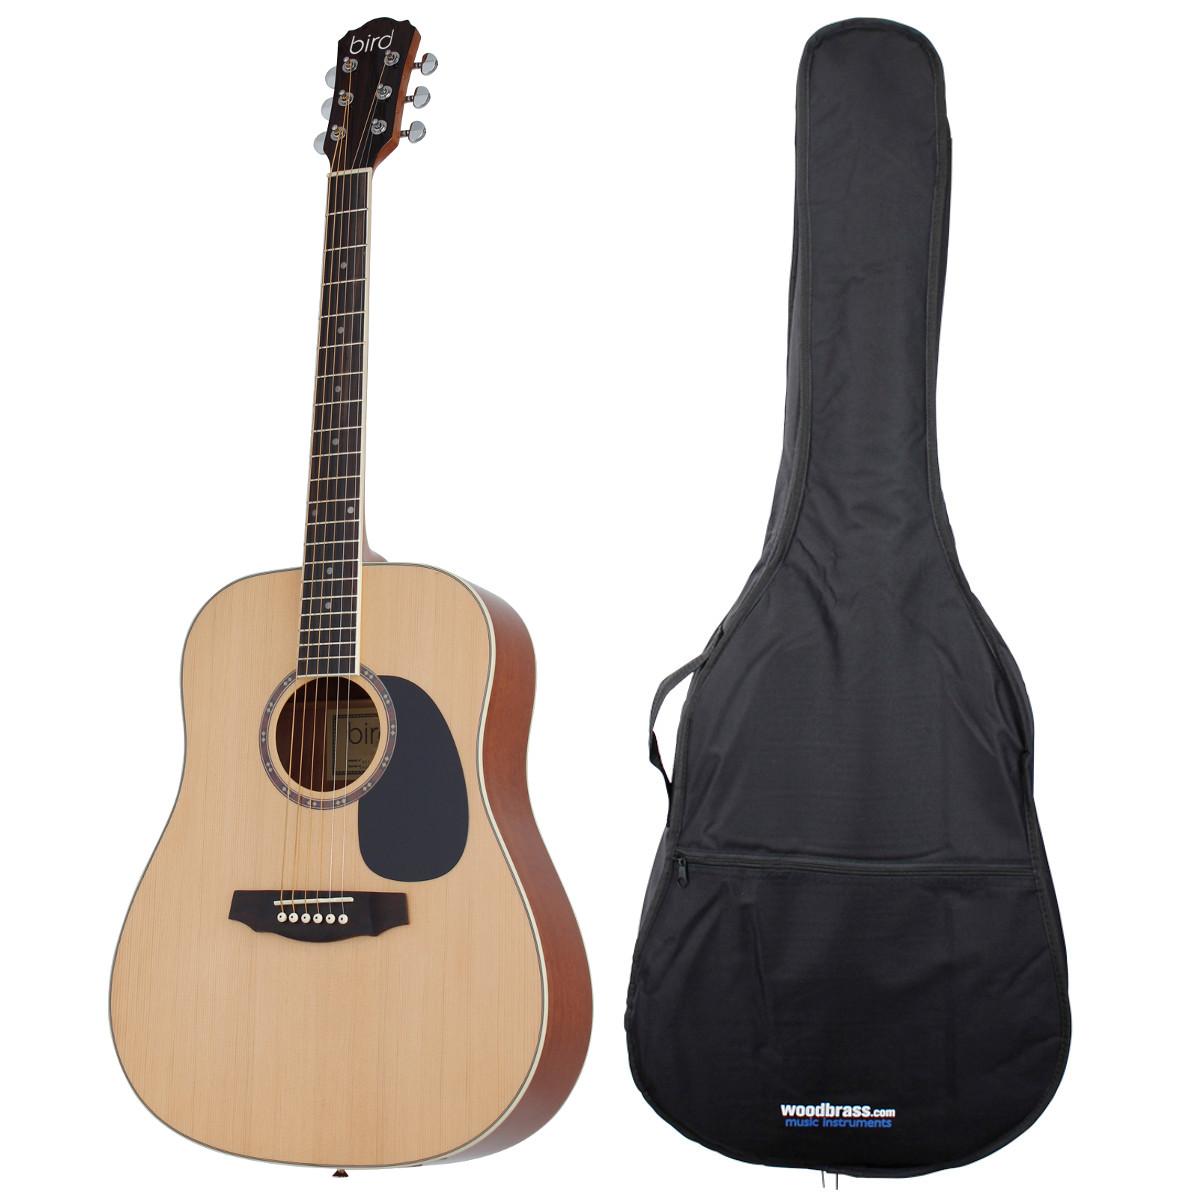 Brighton dg1 nl housse guitar buy online free for Housse guitare folk